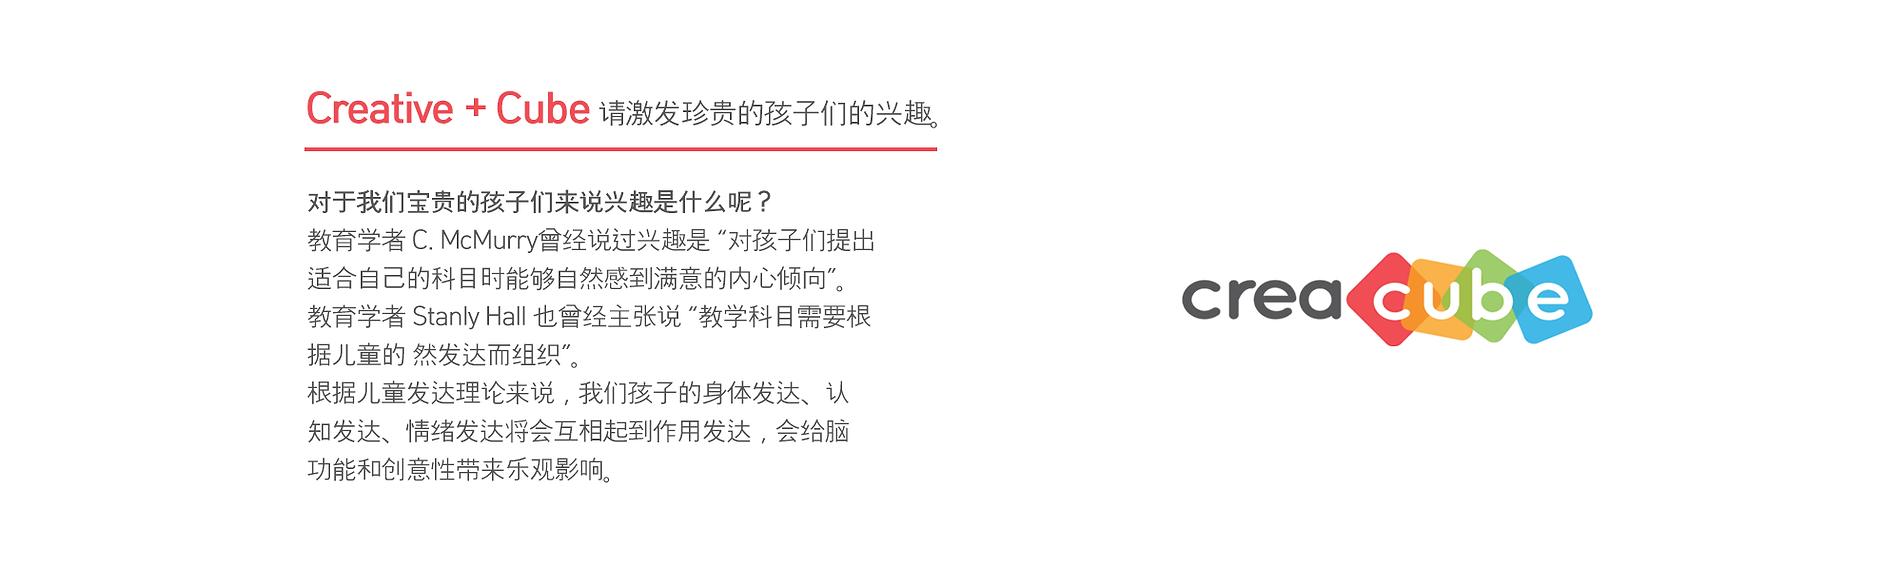 크레아큐브-메인-내용-중국어01.png